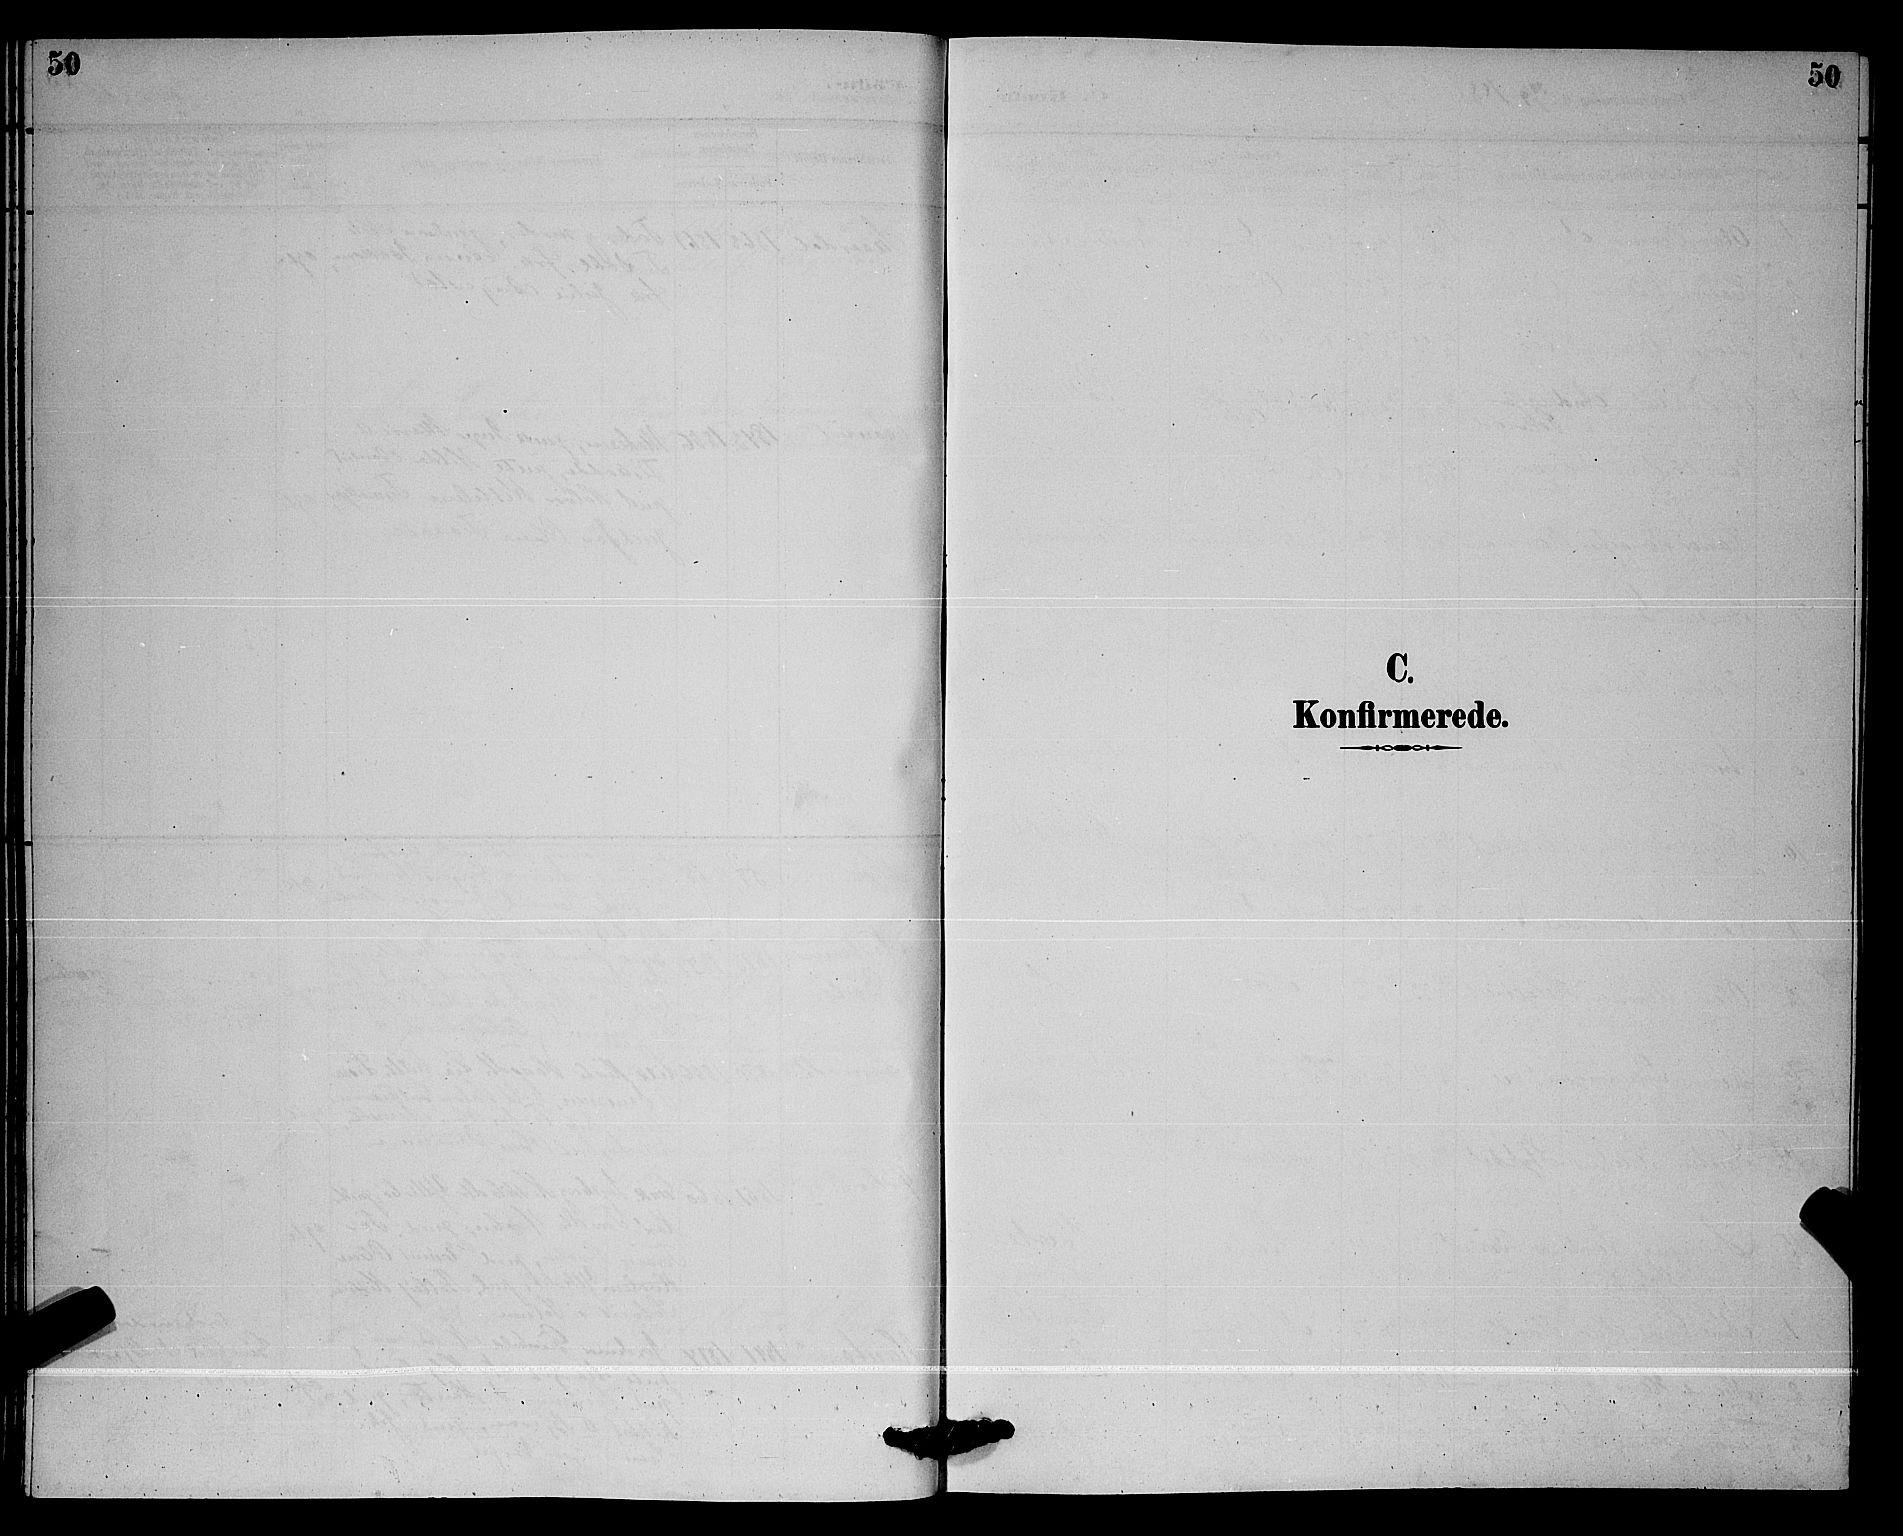 SAKO, Lunde kirkebøker, G/Ga/L0002: Klokkerbok nr. I 2, 1887-1896, s. 50